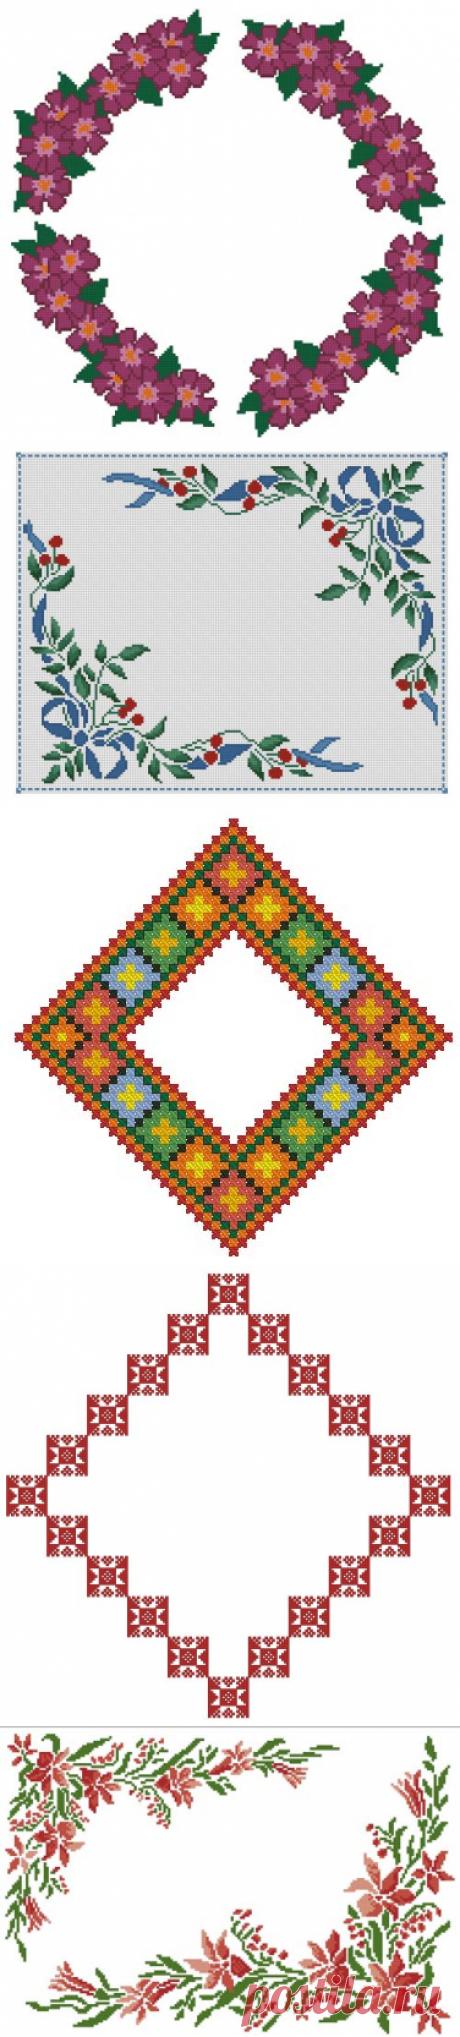 Безкоштовні схеми для вишивання хрестиком Качати безкоштовні схеми Вишивка  хрестом e9bb9ed98d4c5